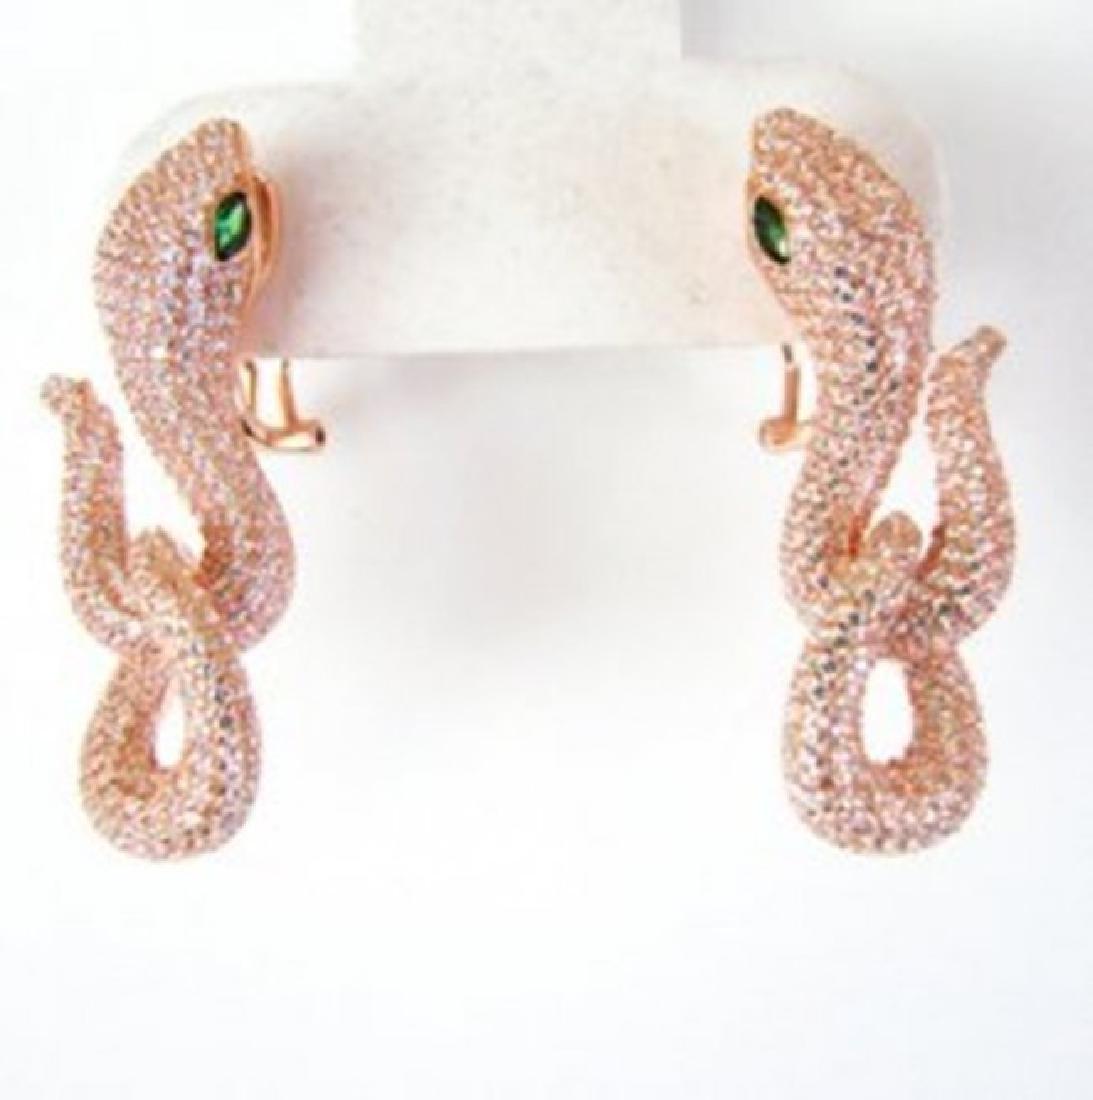 Creation Diamond Snake Earrings 6.57Ct 18k R/g Overlay - 2